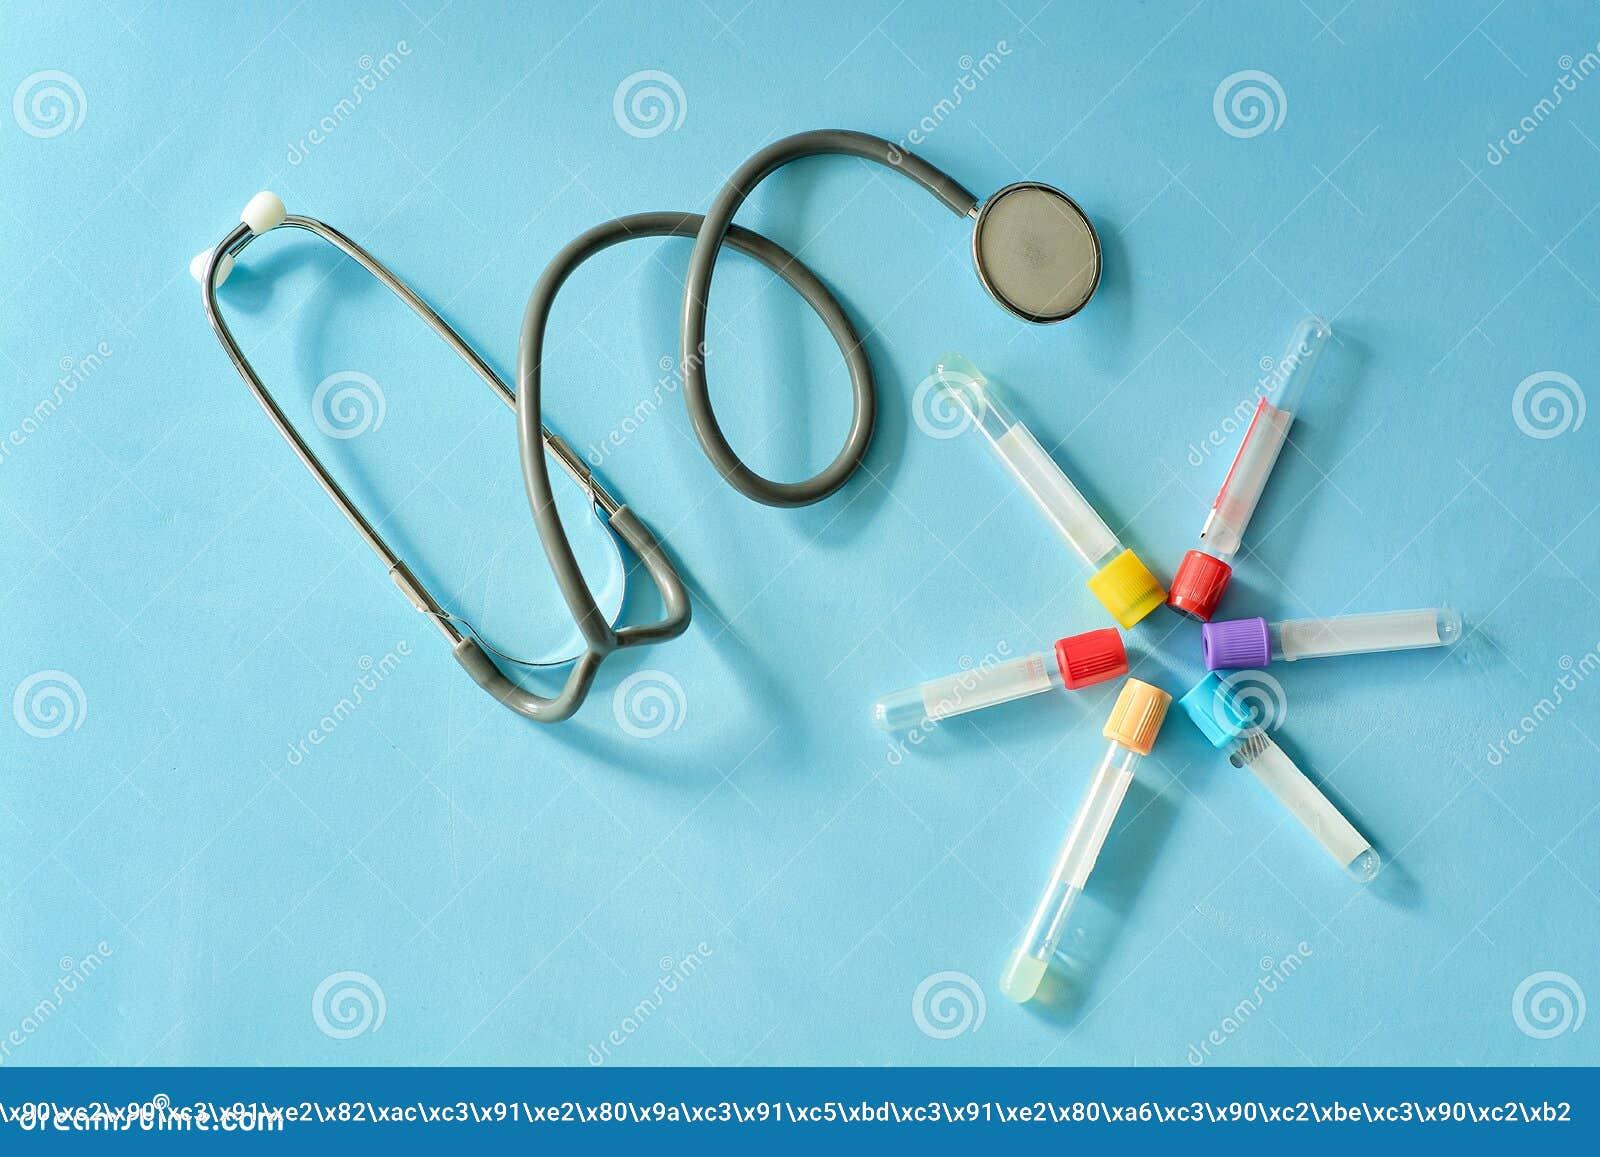 Phonendoscope stetoskop, vakuumprovrör på blå bakgrund